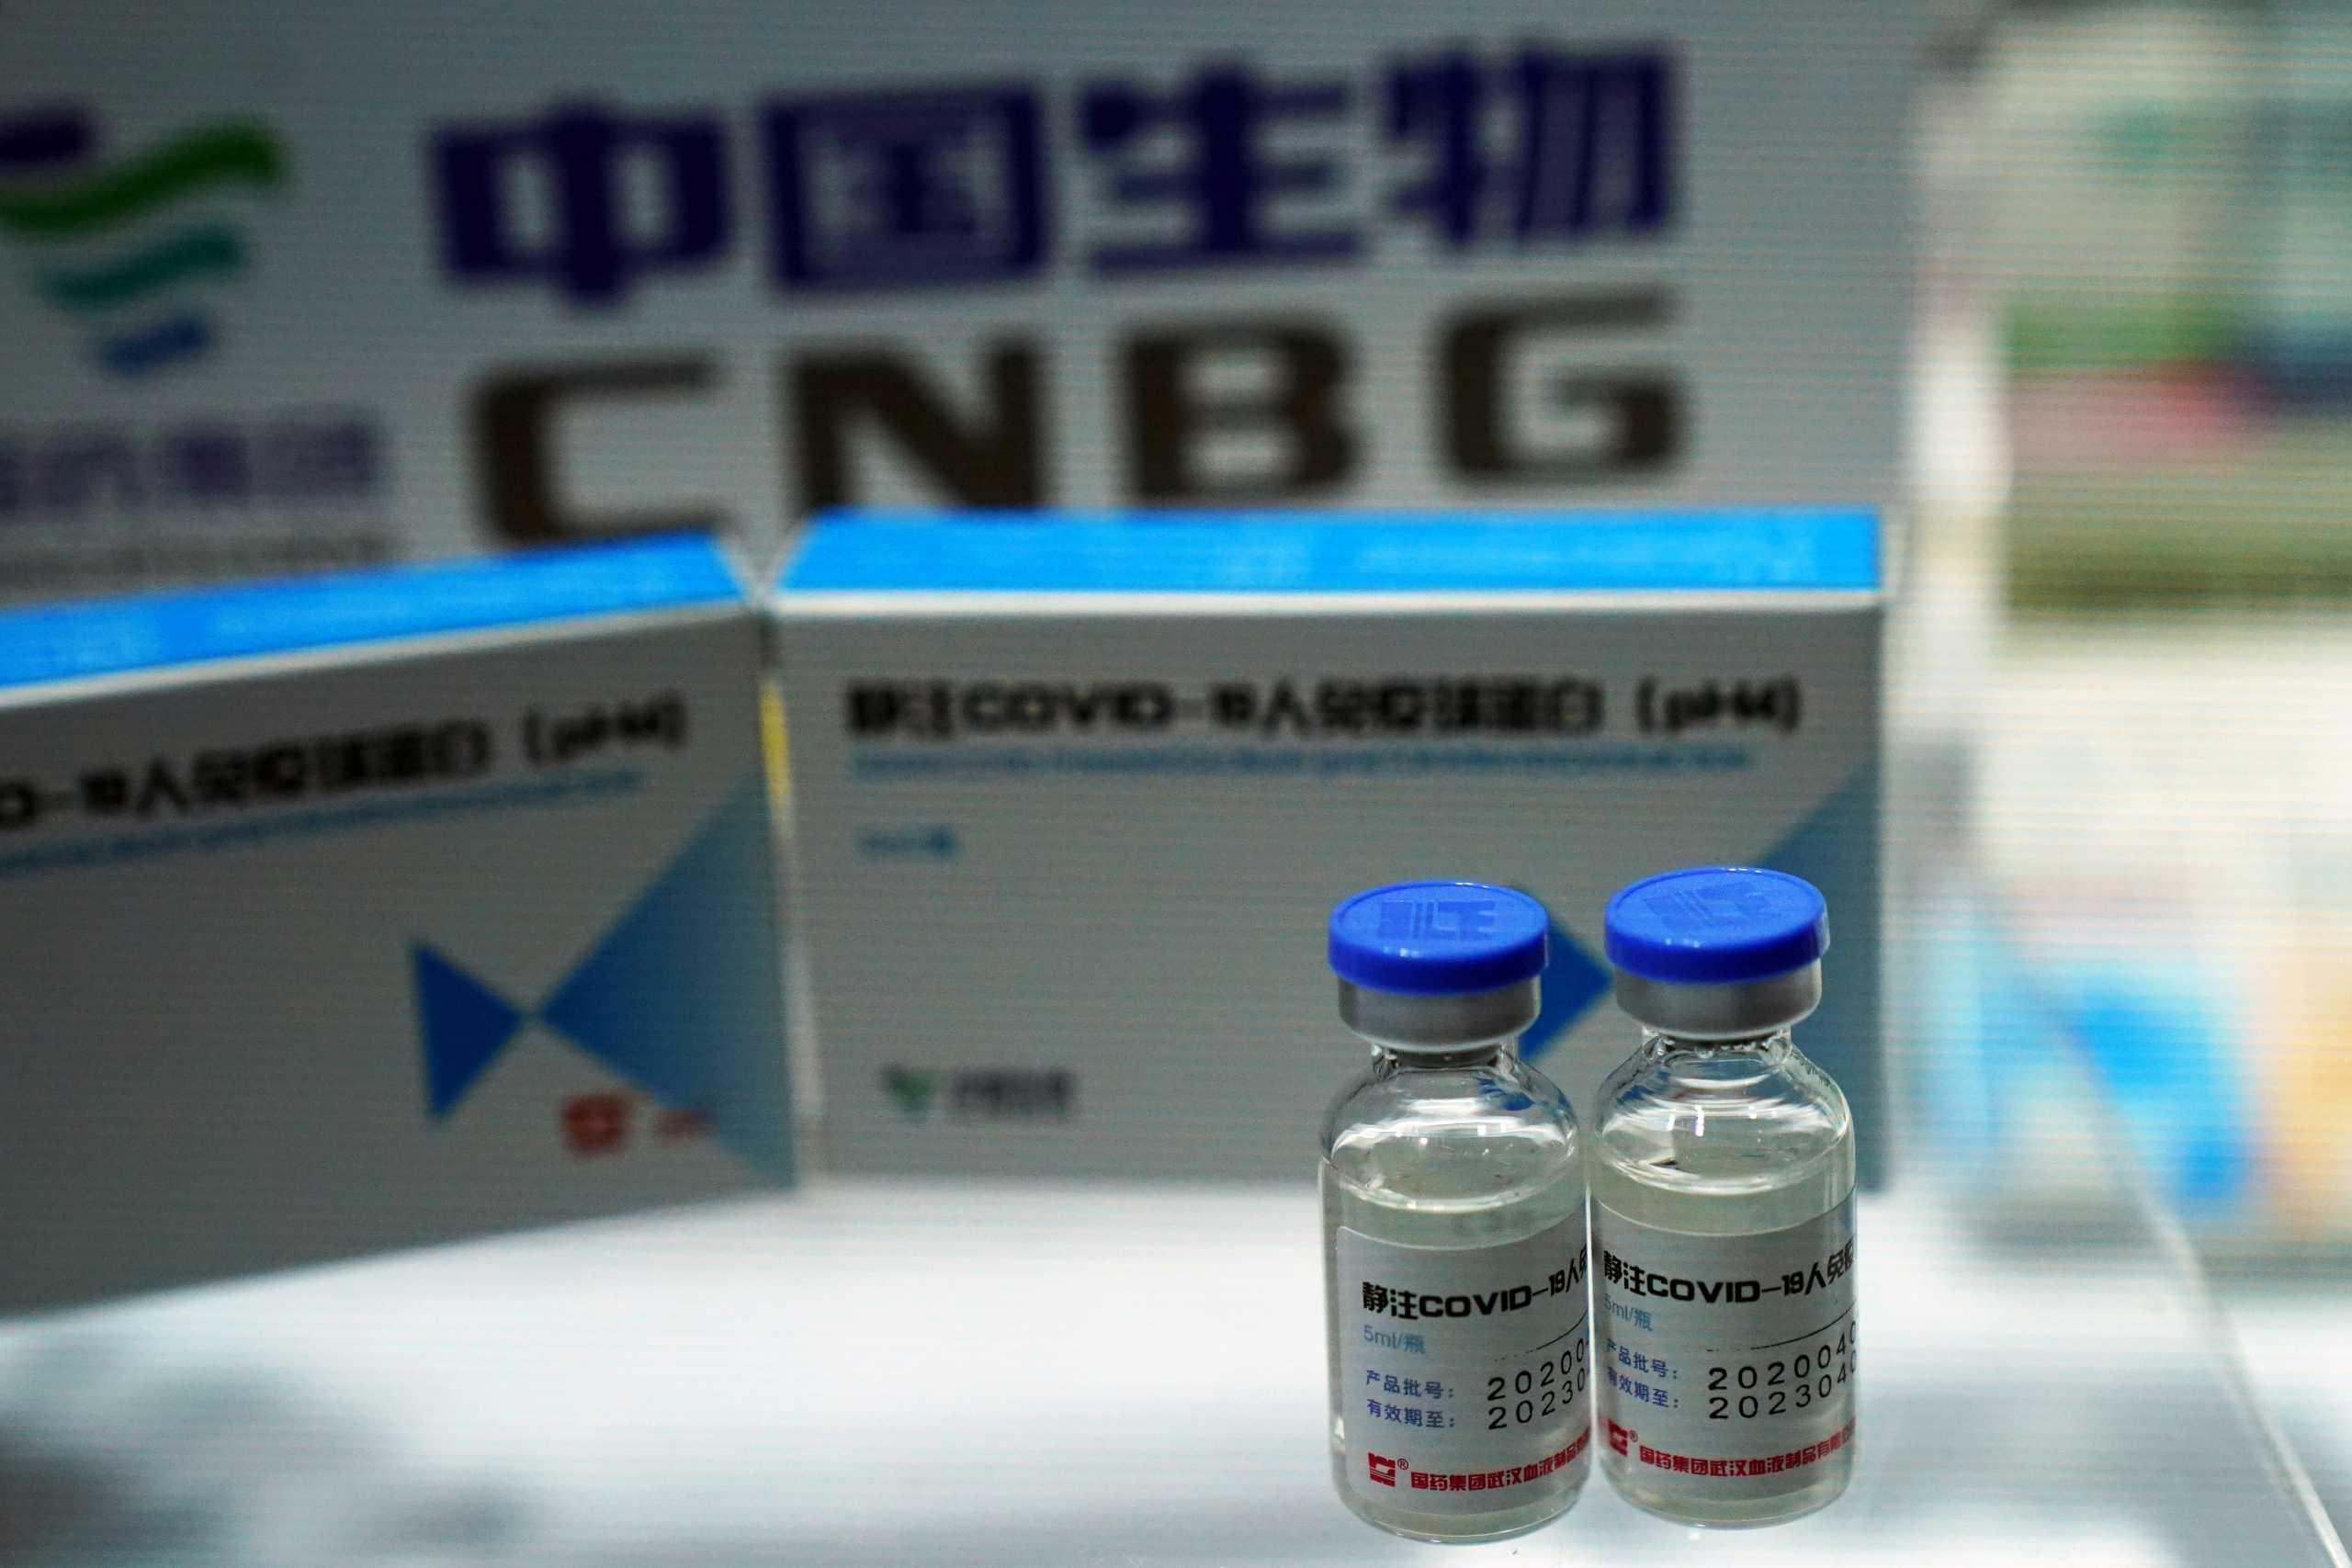 Περού: Πέθανε από κορονοϊό εθελόντρια στην κλινική δοκιμή του εμβολίου της Sinopharm – Είχε λάβει το placebo